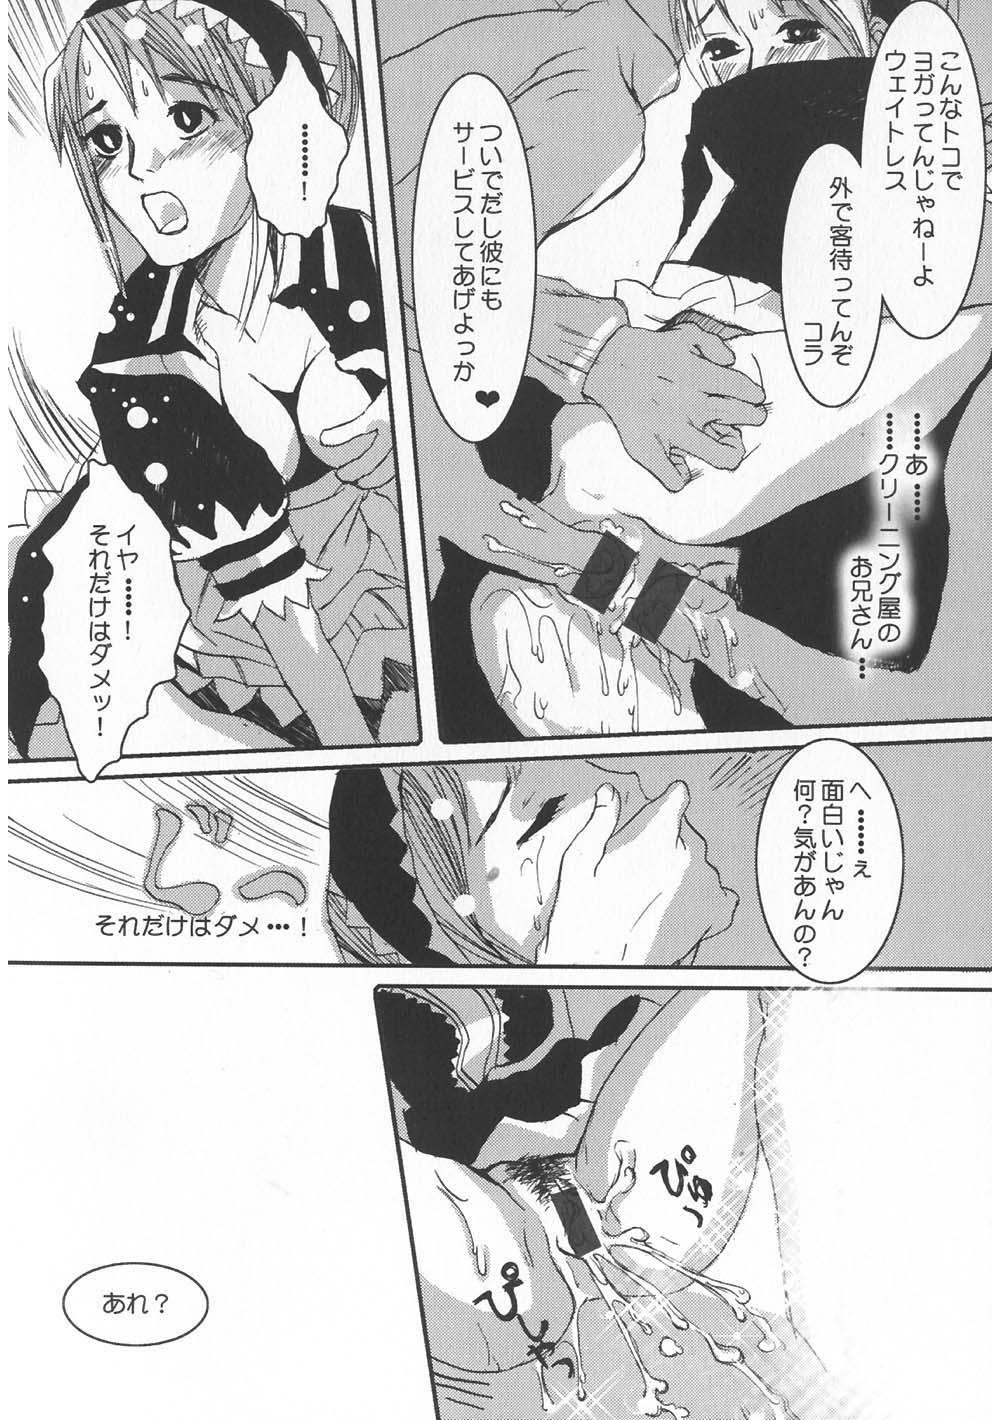 Gochuumon wa Okimari Desuka 131